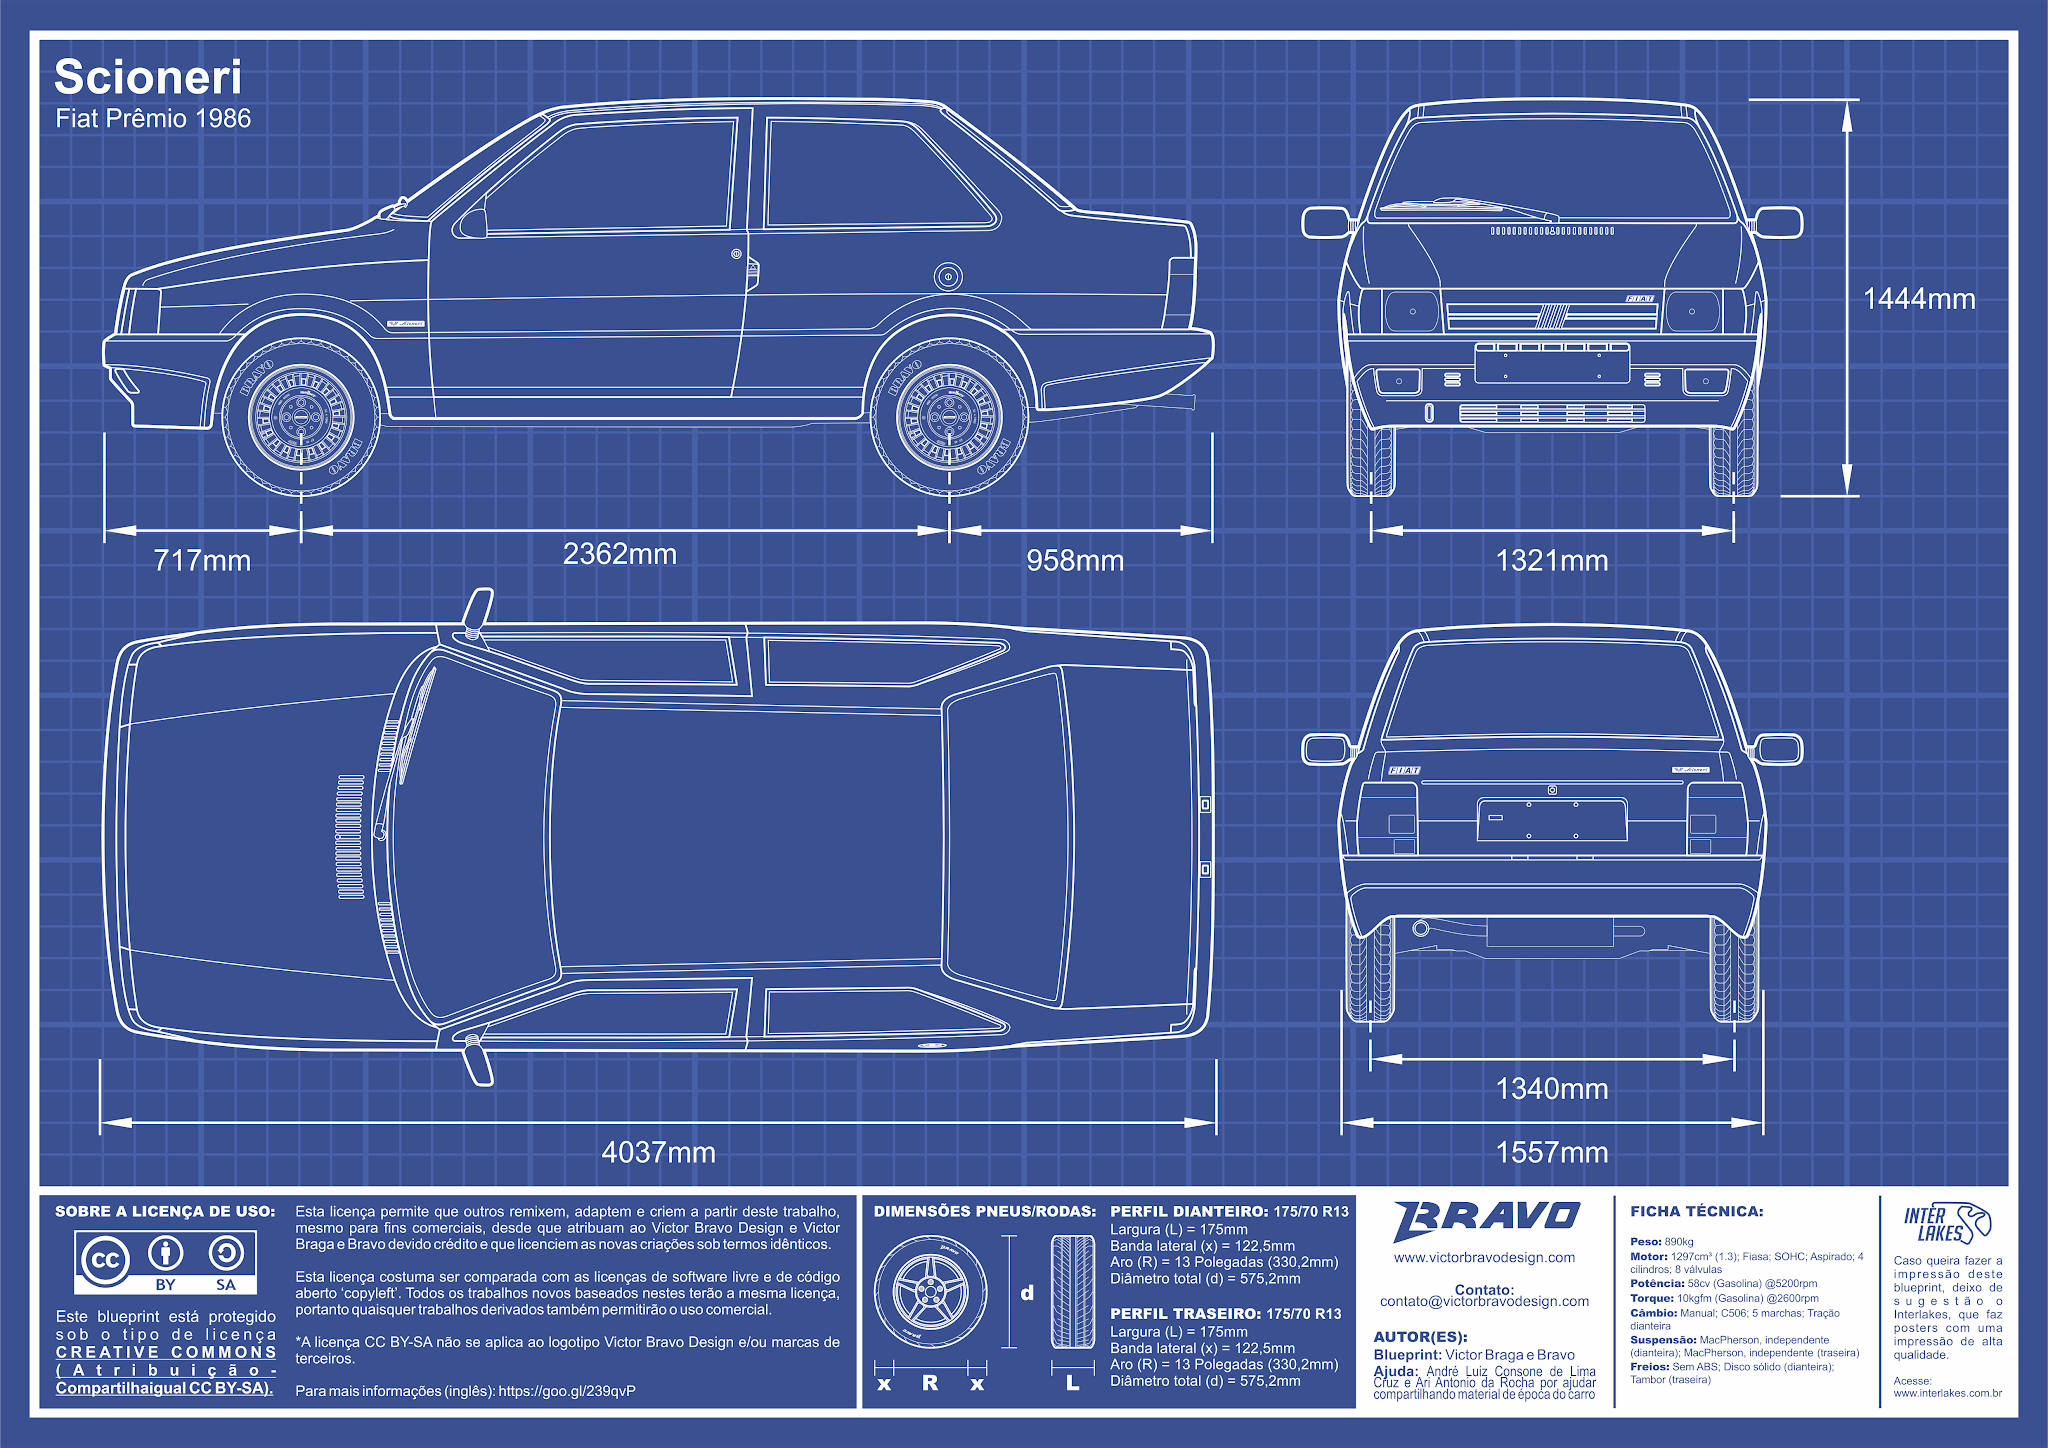 Imagem mostrando o desenho do blueprint do Scioneri Fiat Prêmio 1986